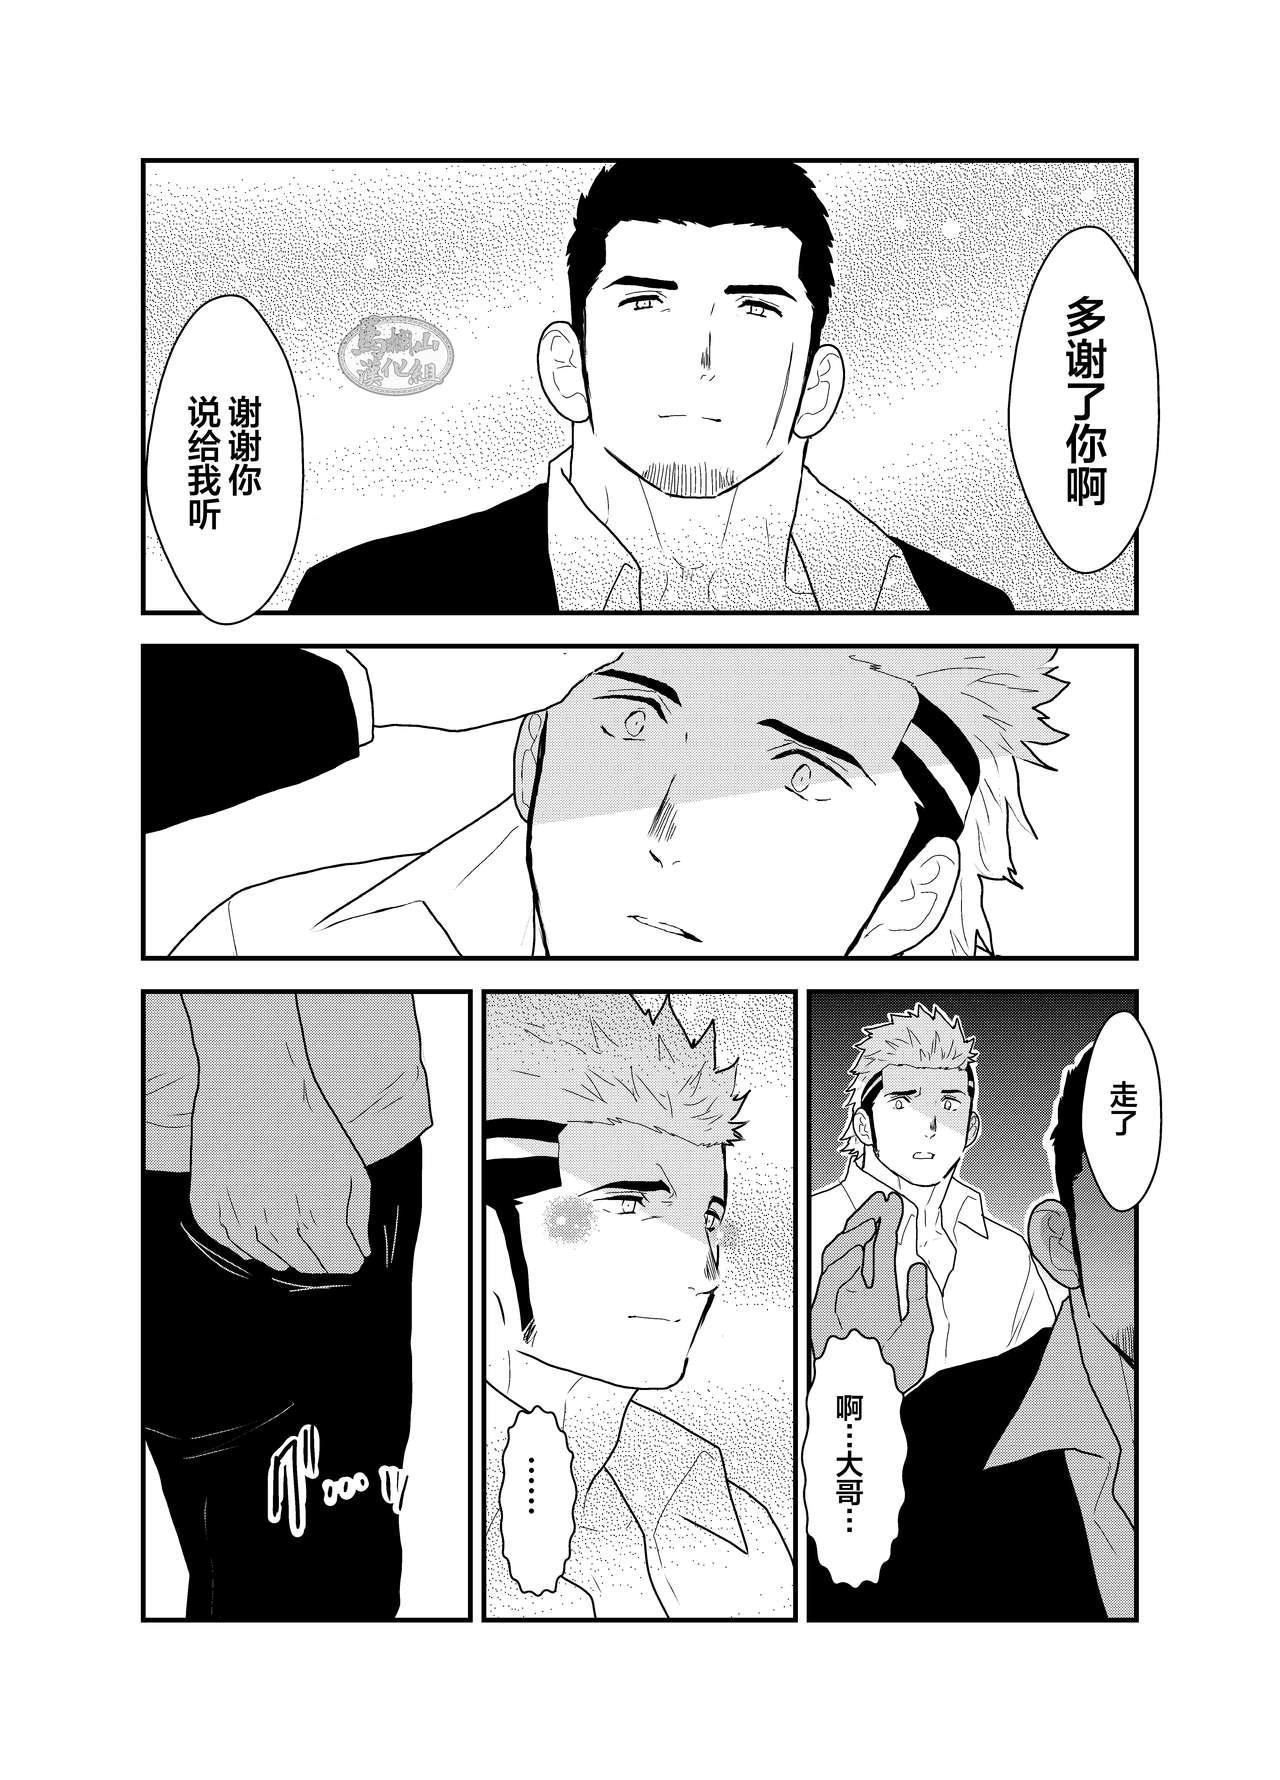 Moshimo Yakuza ni Koigokoro ga Mebae Hajimetara 9